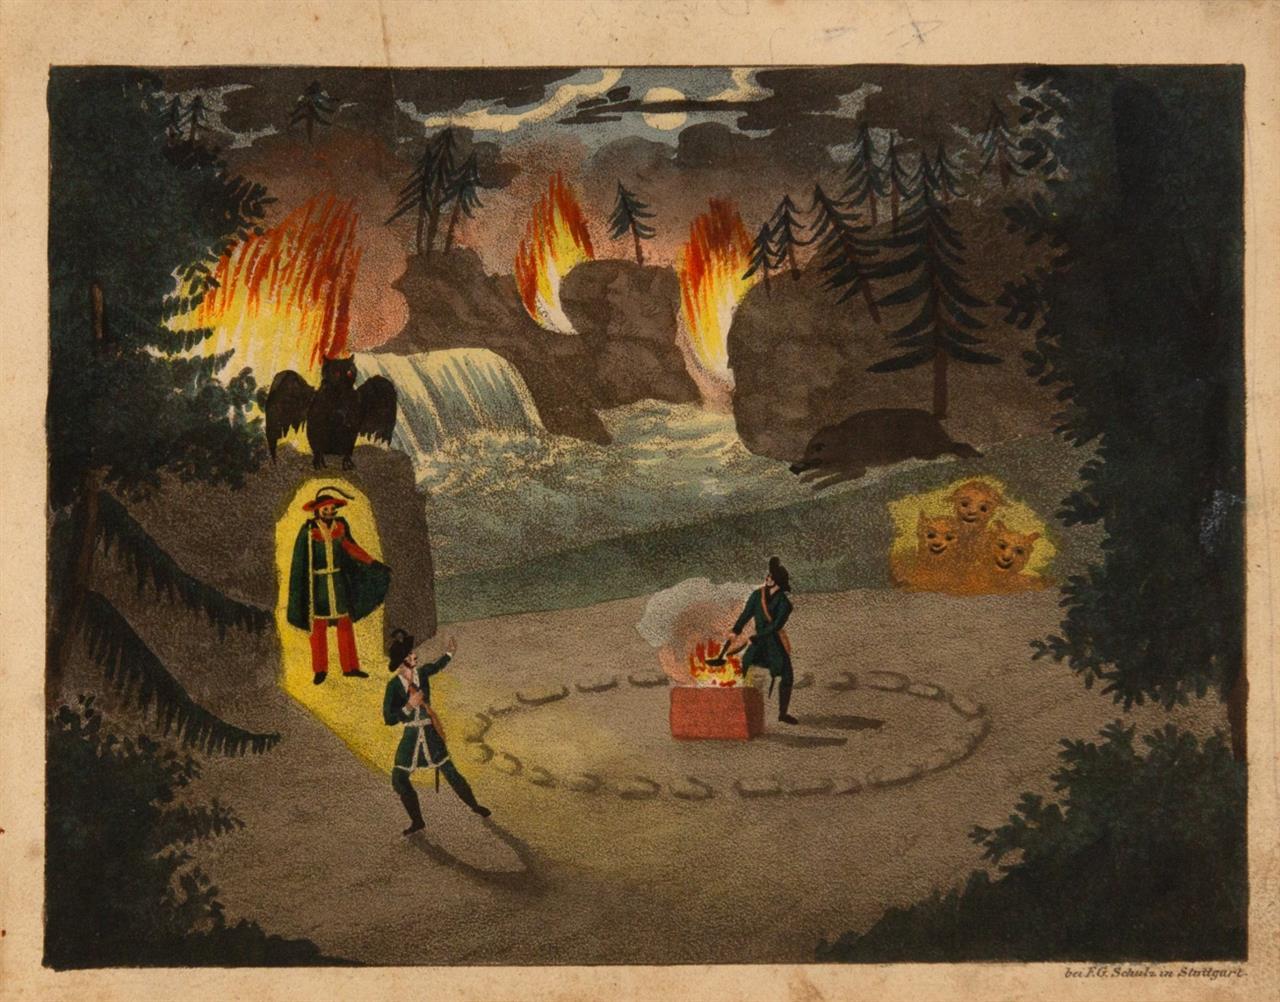 C. M. v. Weber, Der Freischütz. Oper in drei Aufzügen. Libretto u. Stimmen. Stgt., um 1822.